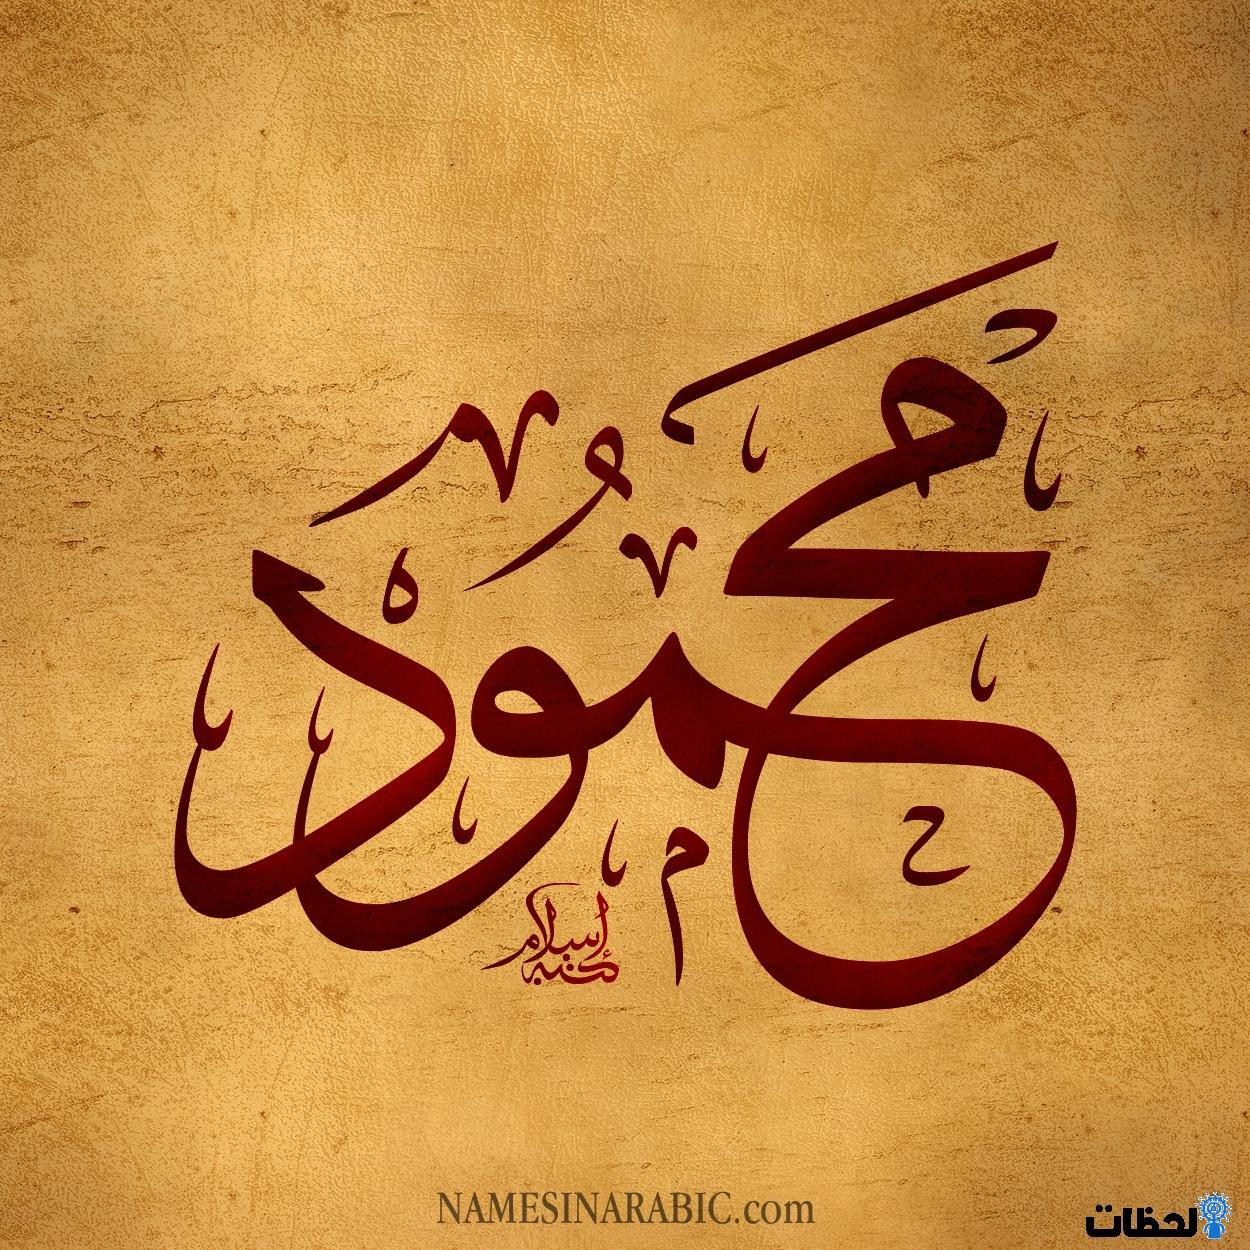 معنى اسم محمود Mahmoud وصفاتة